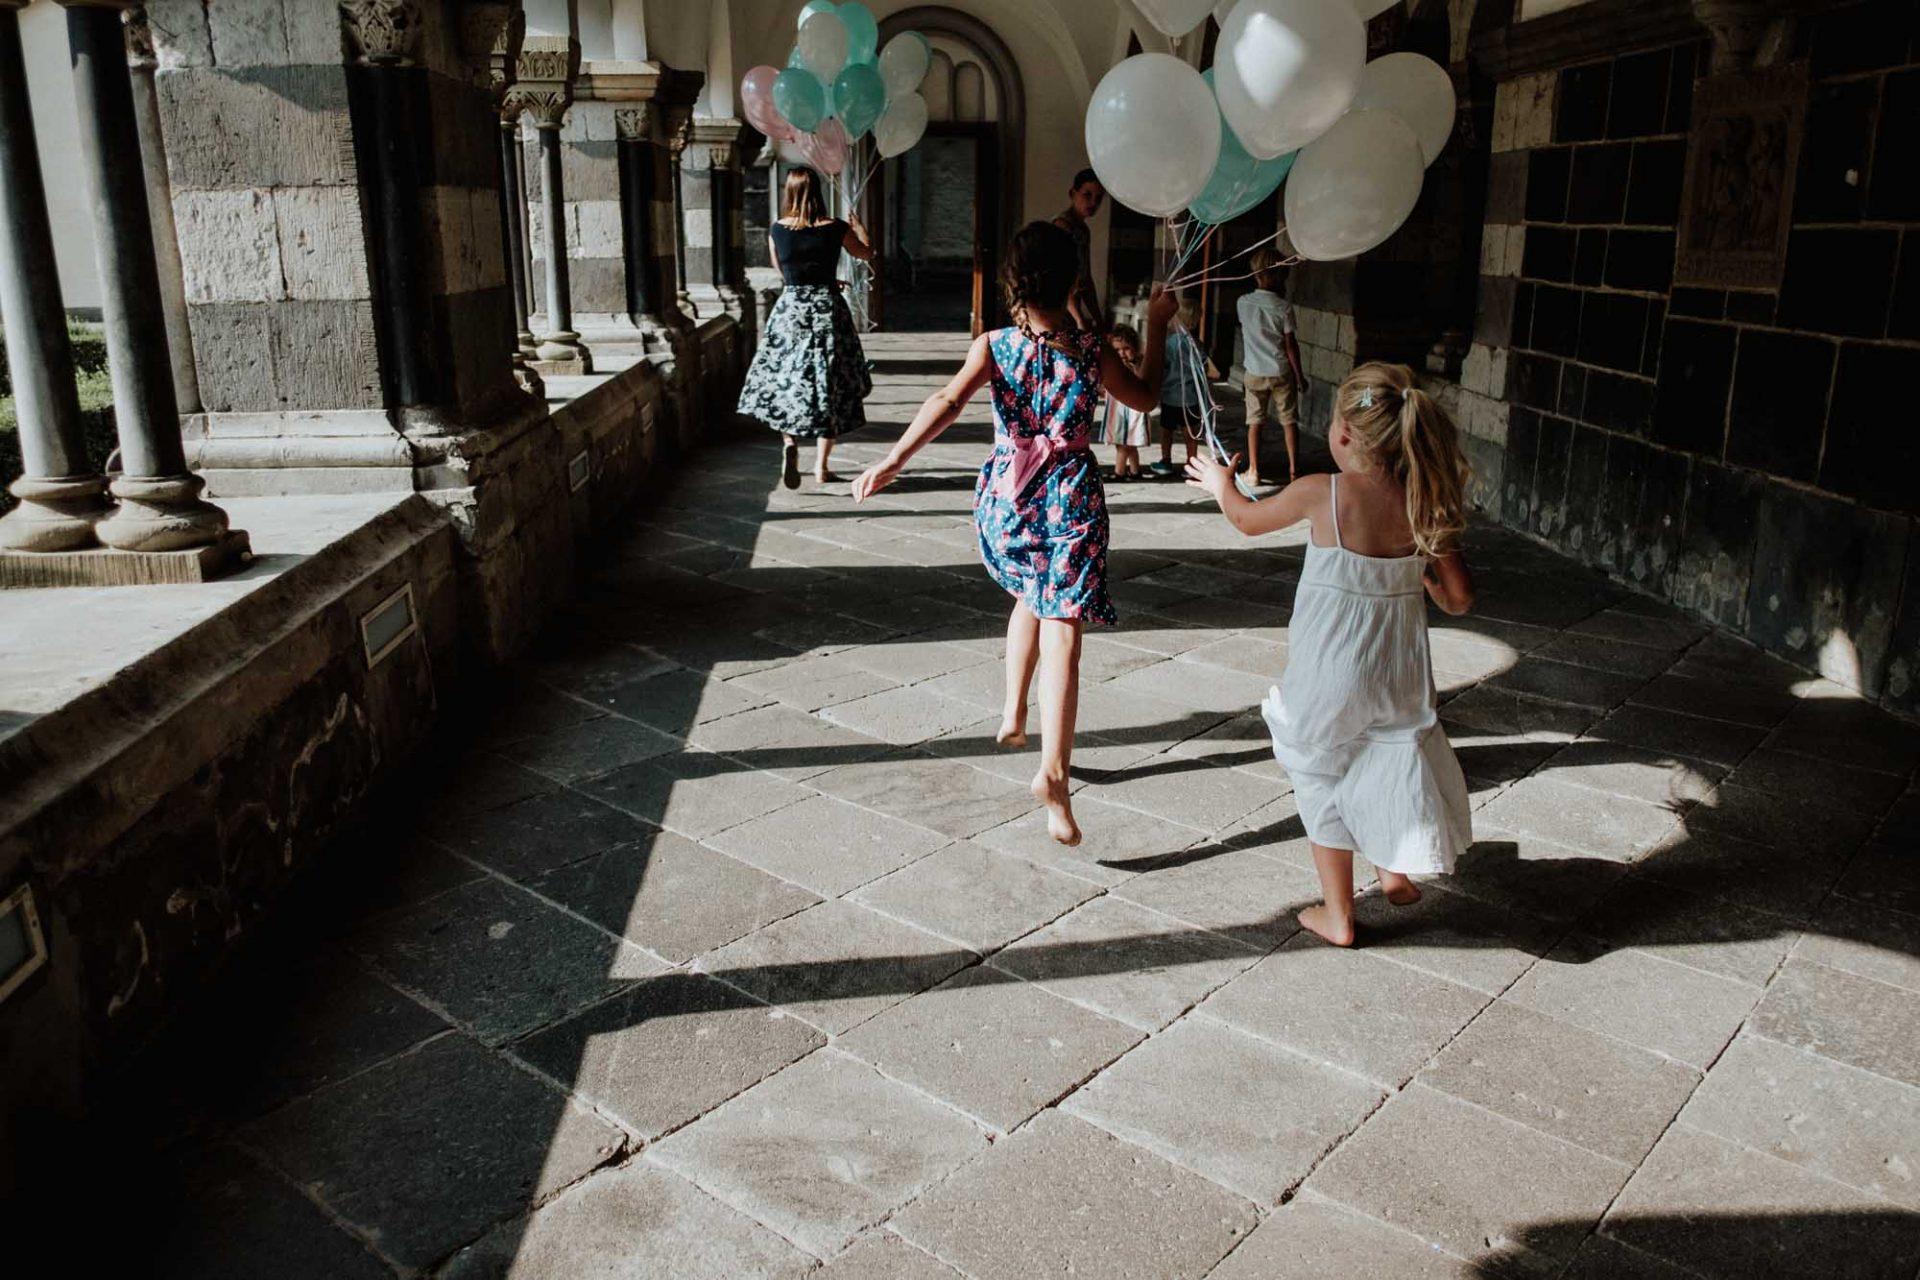 Kinder laufen mit Luftballons am Hochzeitsfest in der Abtei Brauweiler